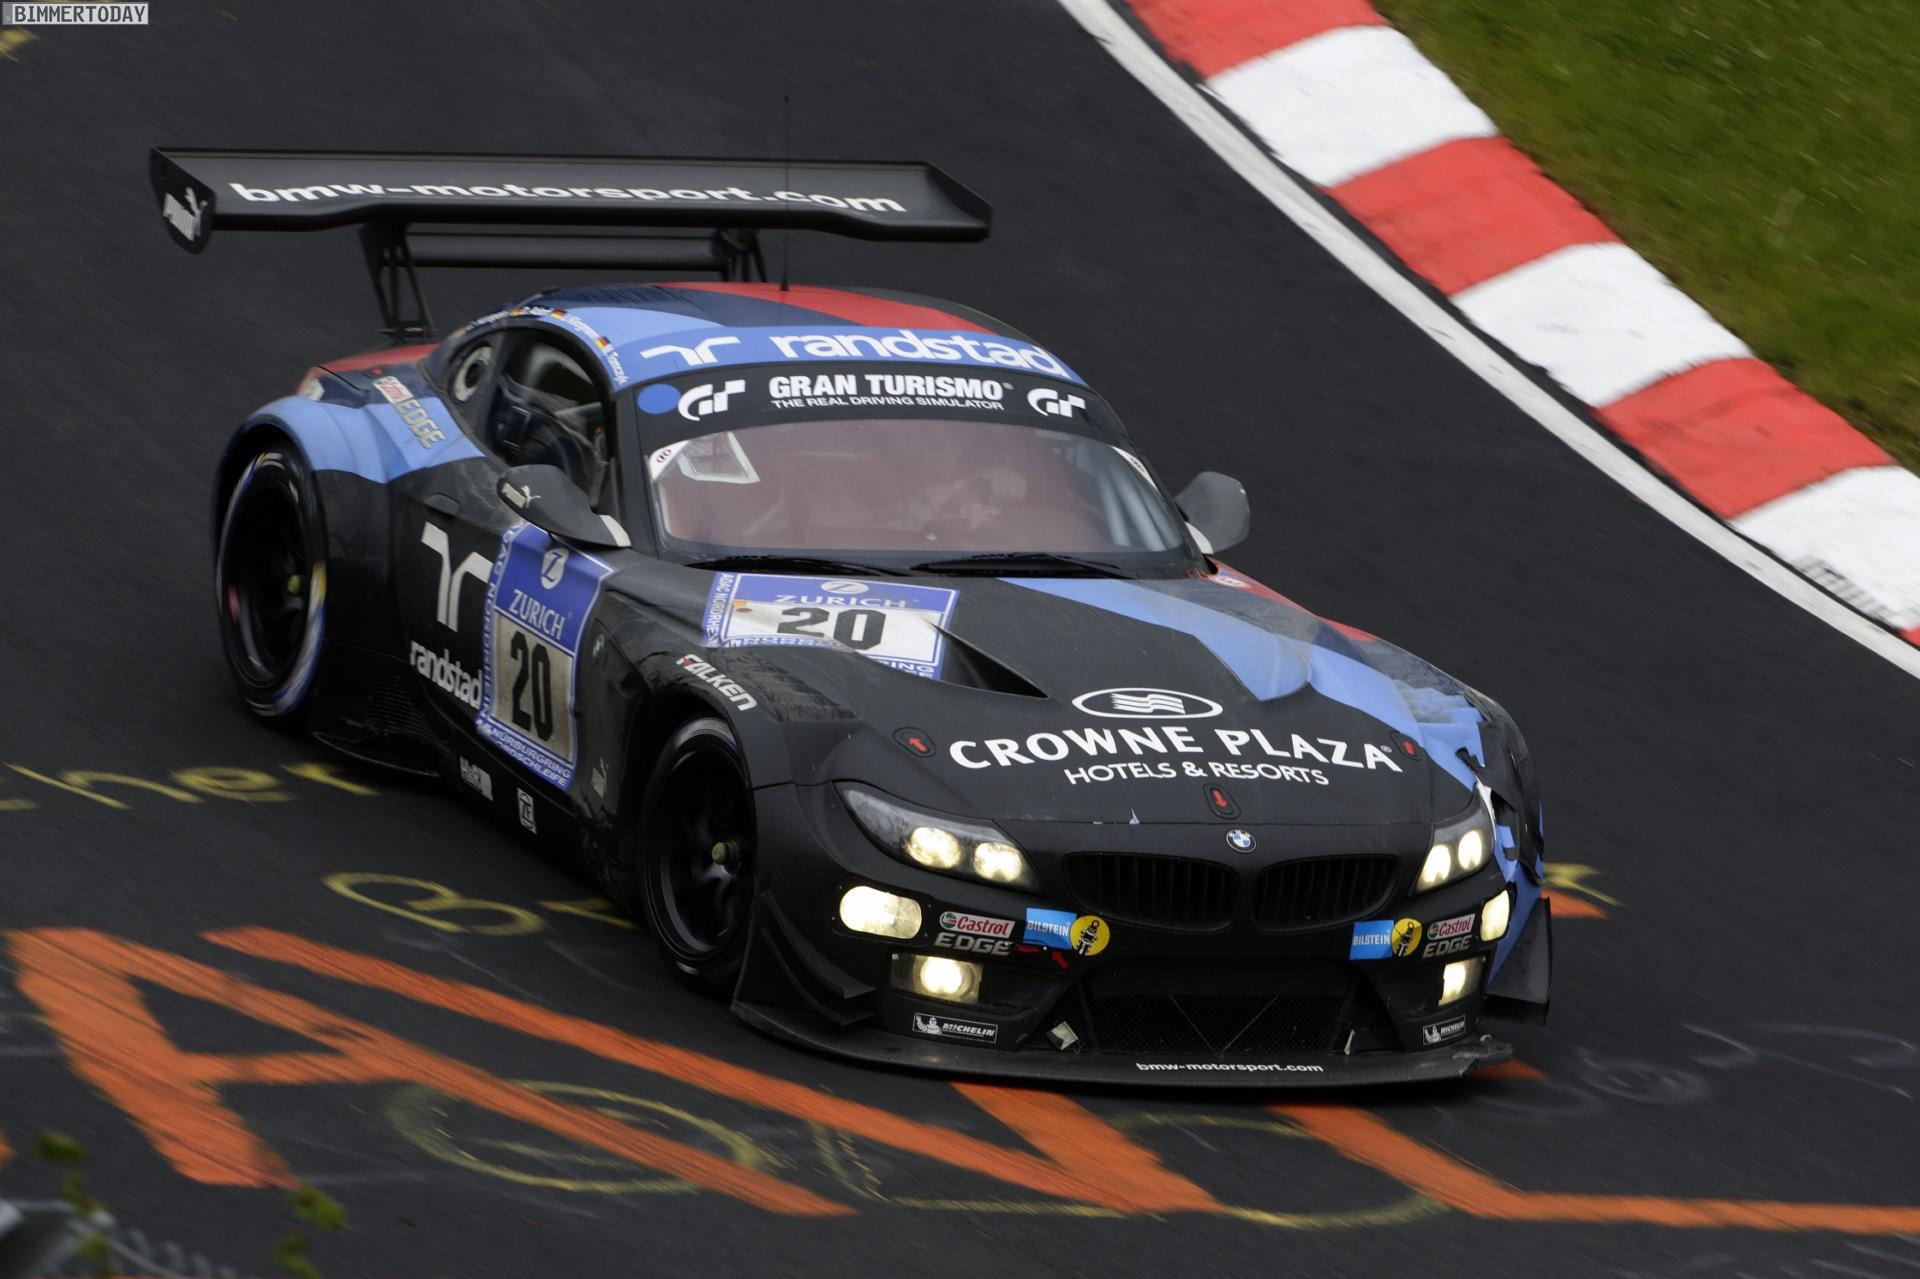 24h N 252 Rburgring 2014 Vier Bmw Z4 Gt3 Von Schubert Und